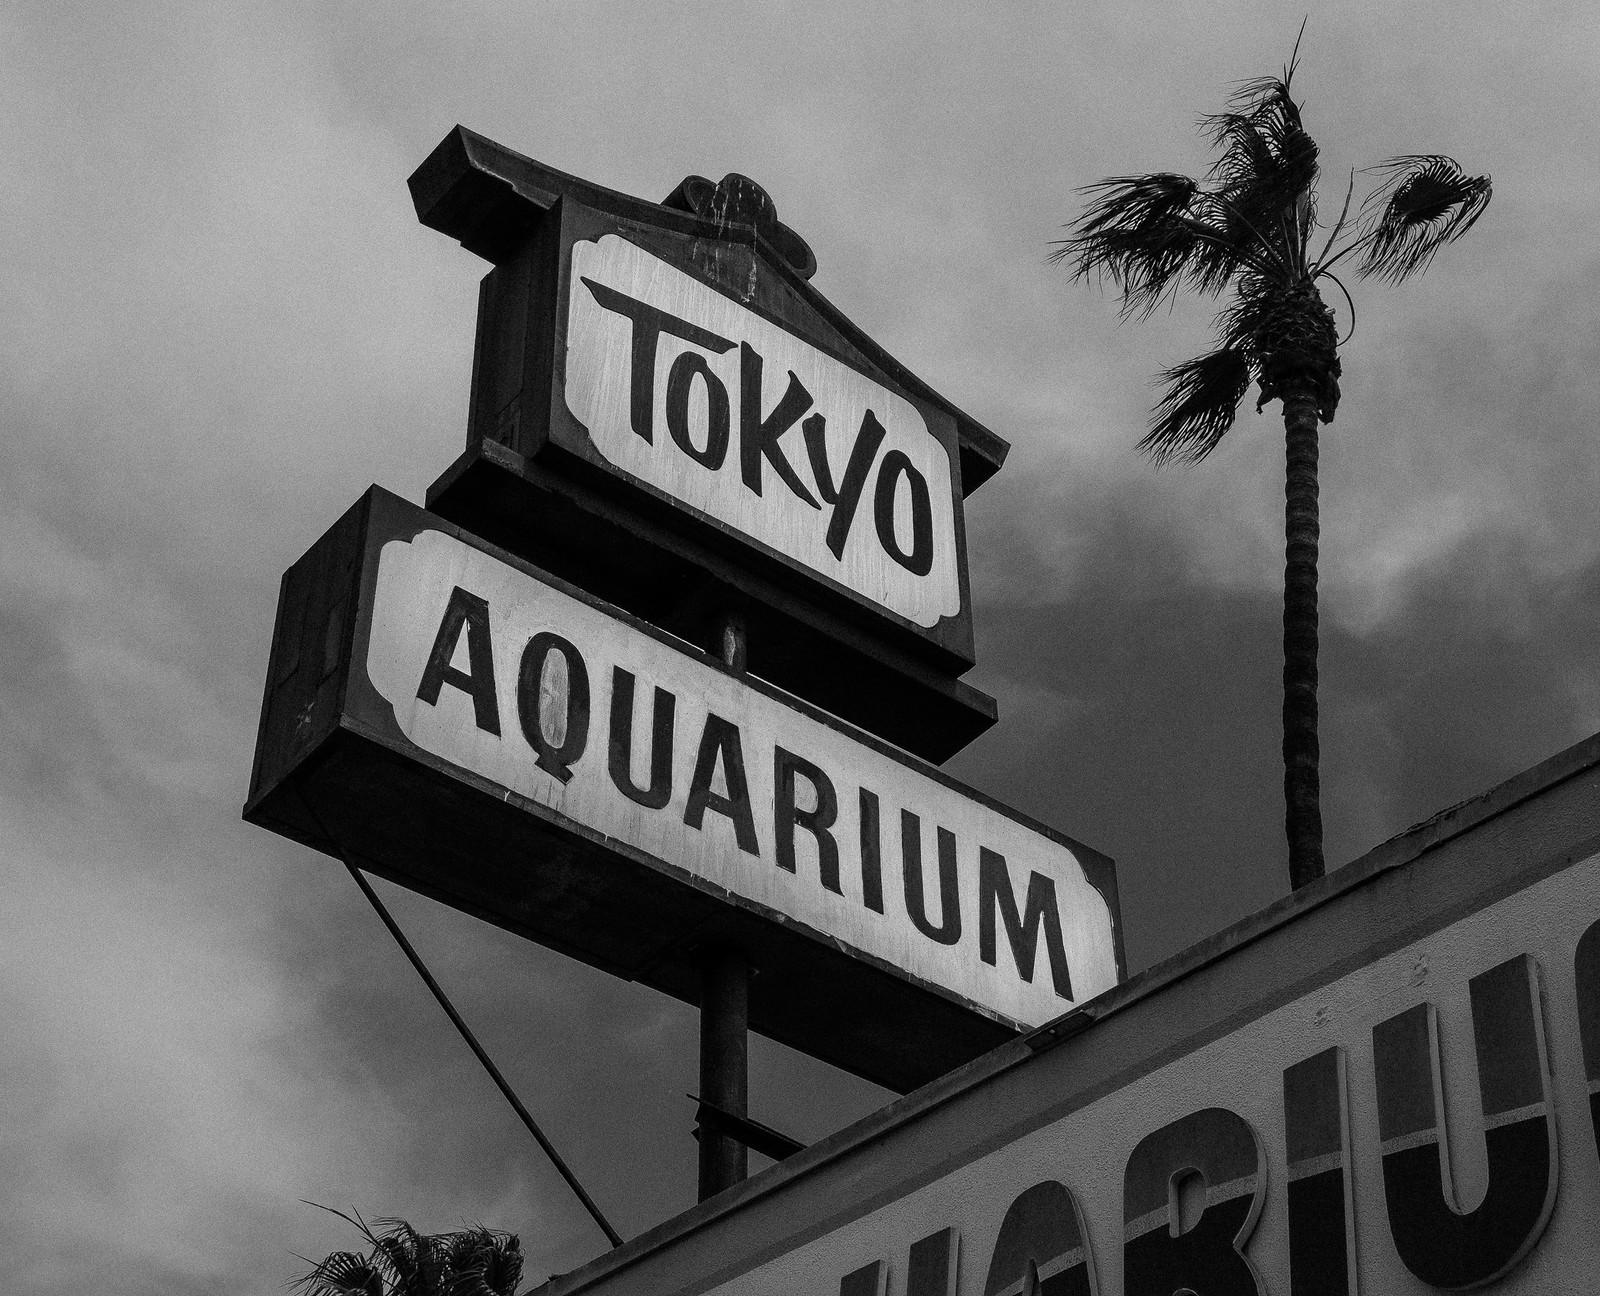 Tokyo Aquarium | by michaelj1998